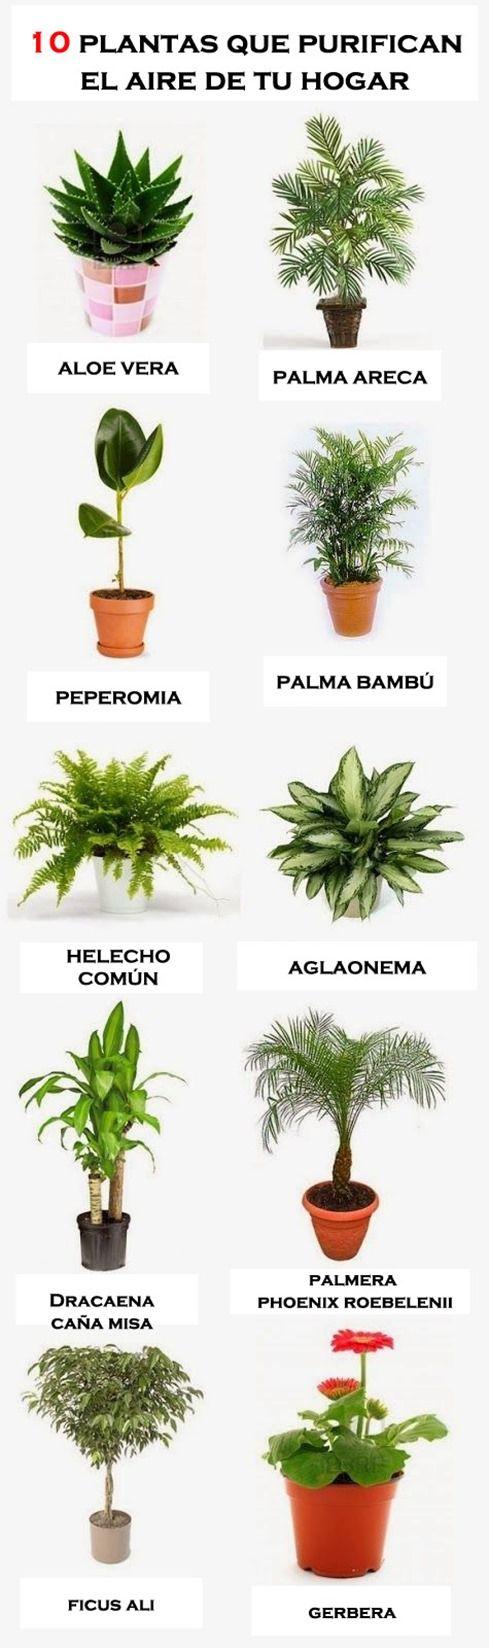 Las 10 mejores plantas para purificar el aire en casa #infografia